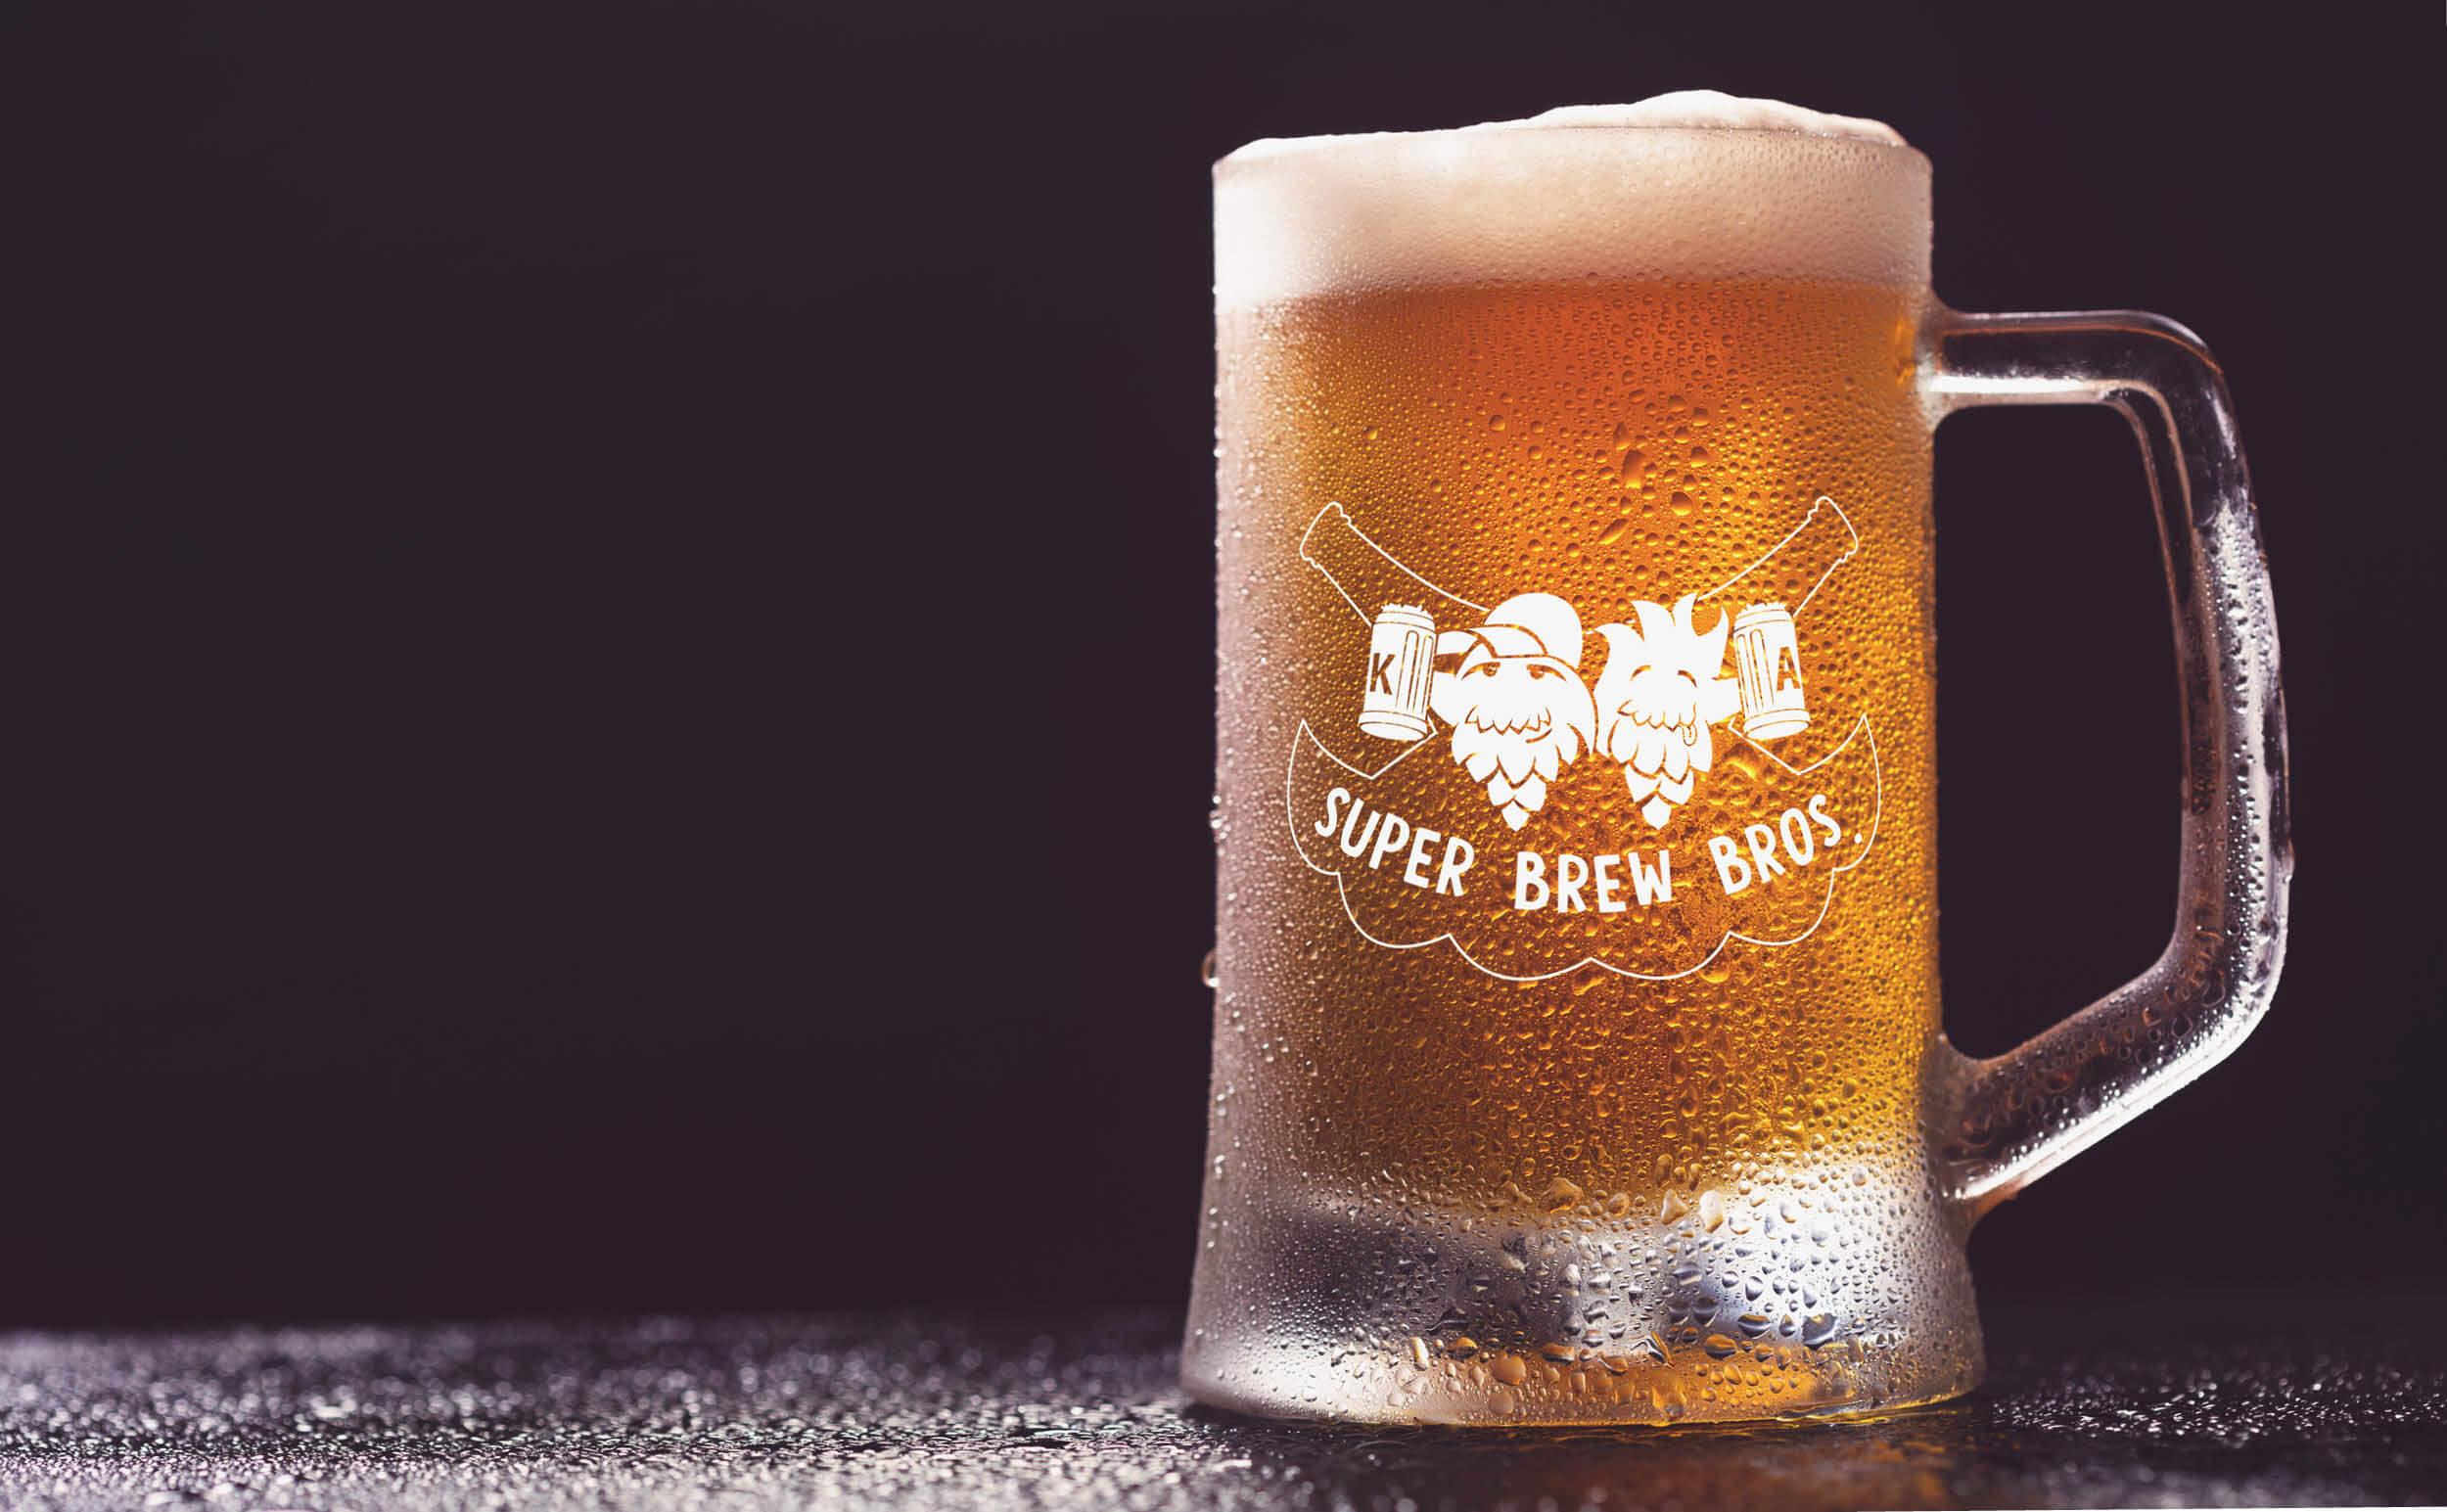 Super Brew Bros bedrucktes Bierglas